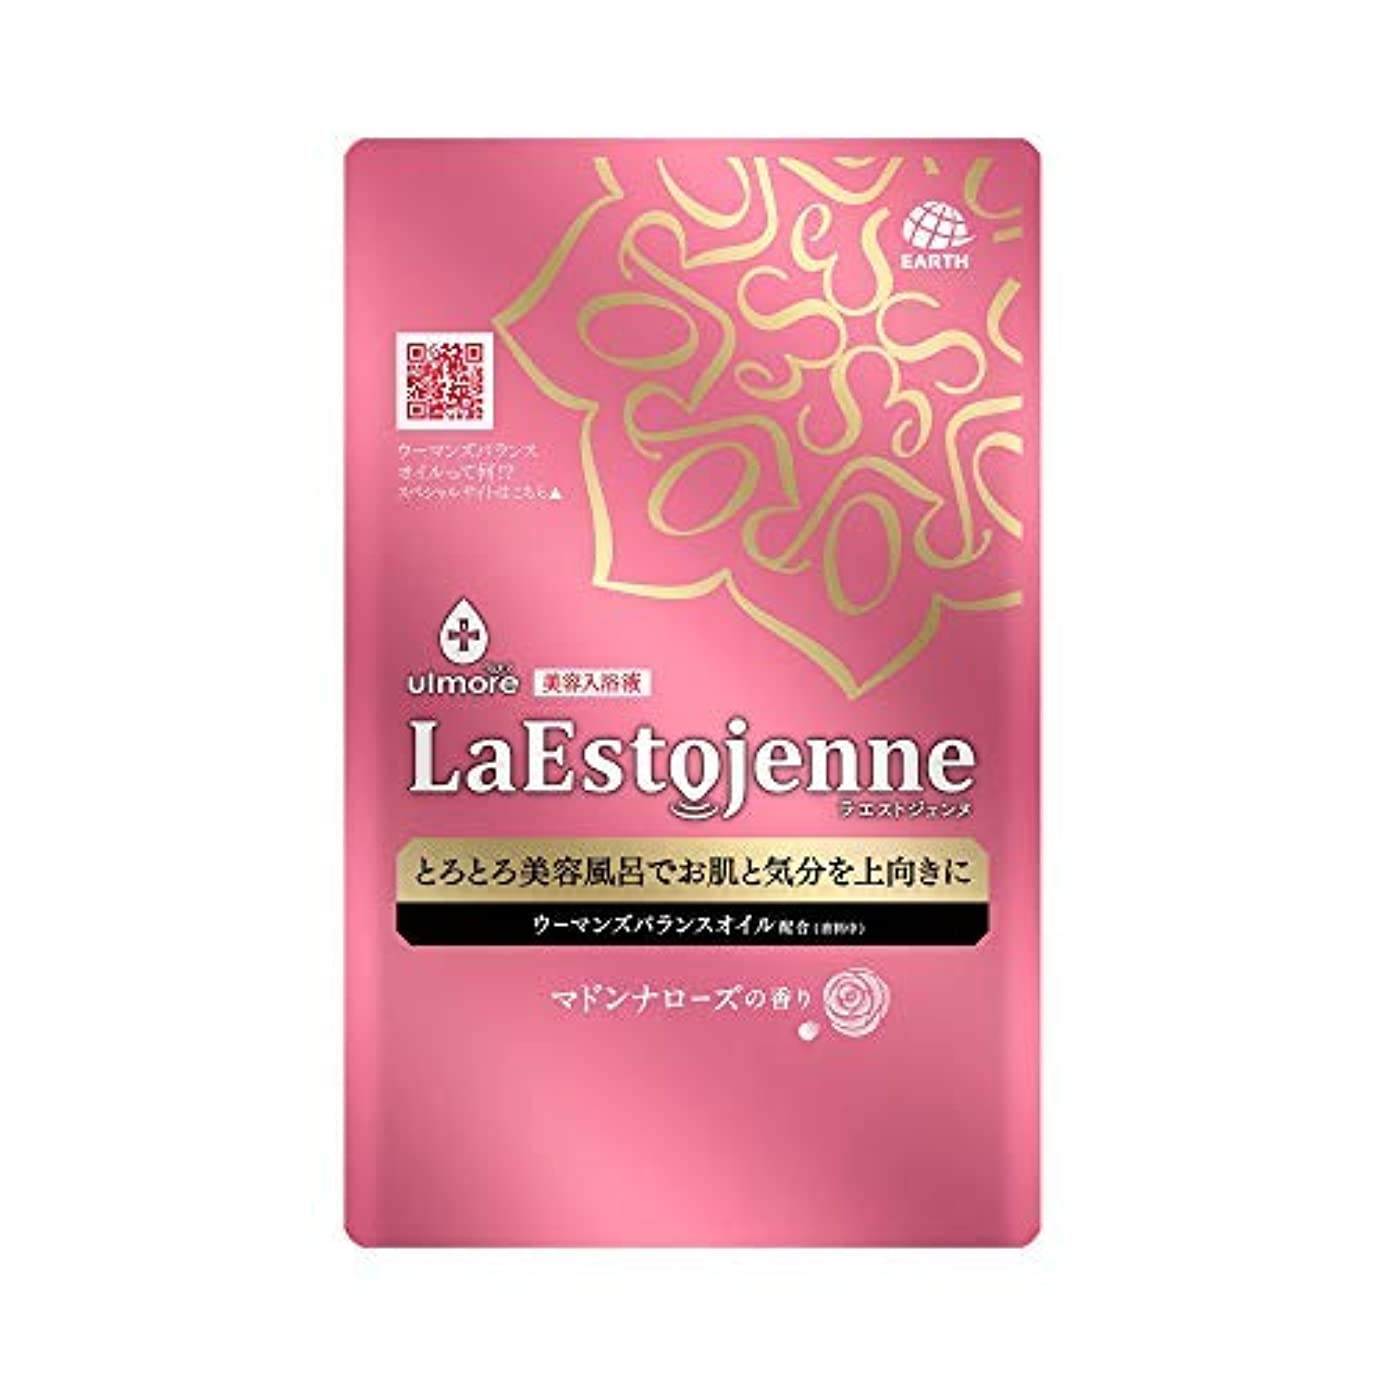 建物繰り返した手足ウルモア ラエストジェンヌ マドンナローズの香り 1包 × 24個セット